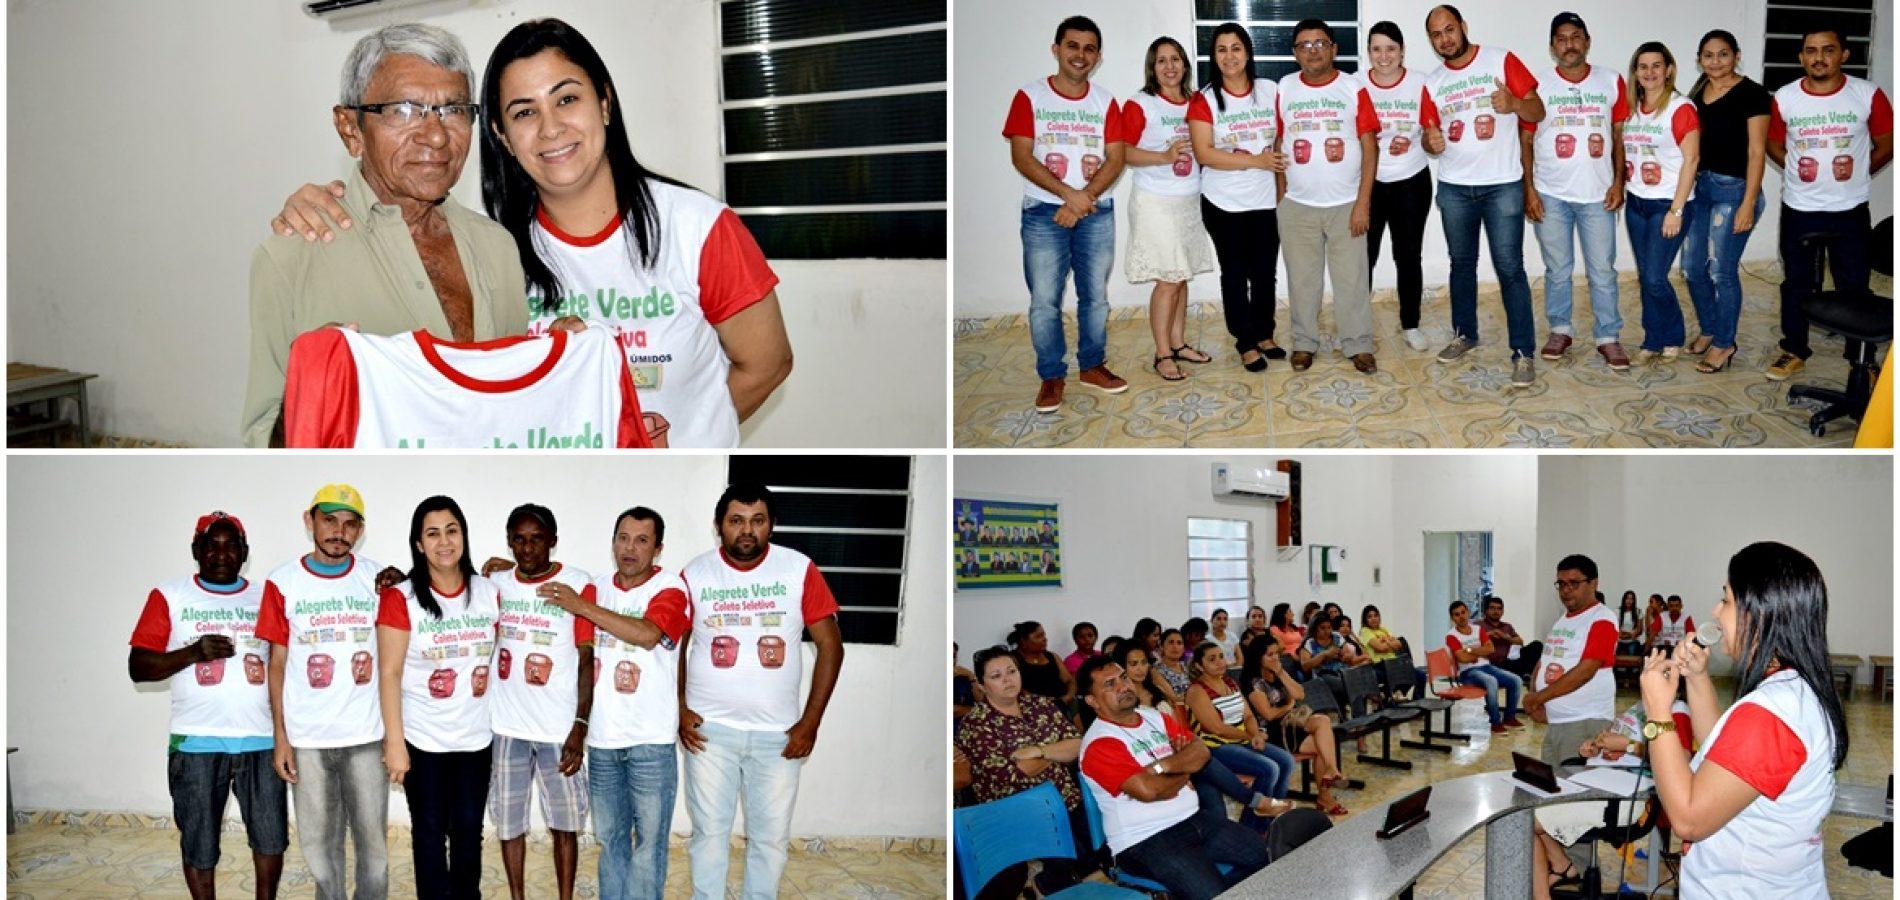 Prefeitura de Alegrete do PI lança 'Programa de Coleta Seletiva, Sustentabilidade e Imposto Ecológico'; veja fotos